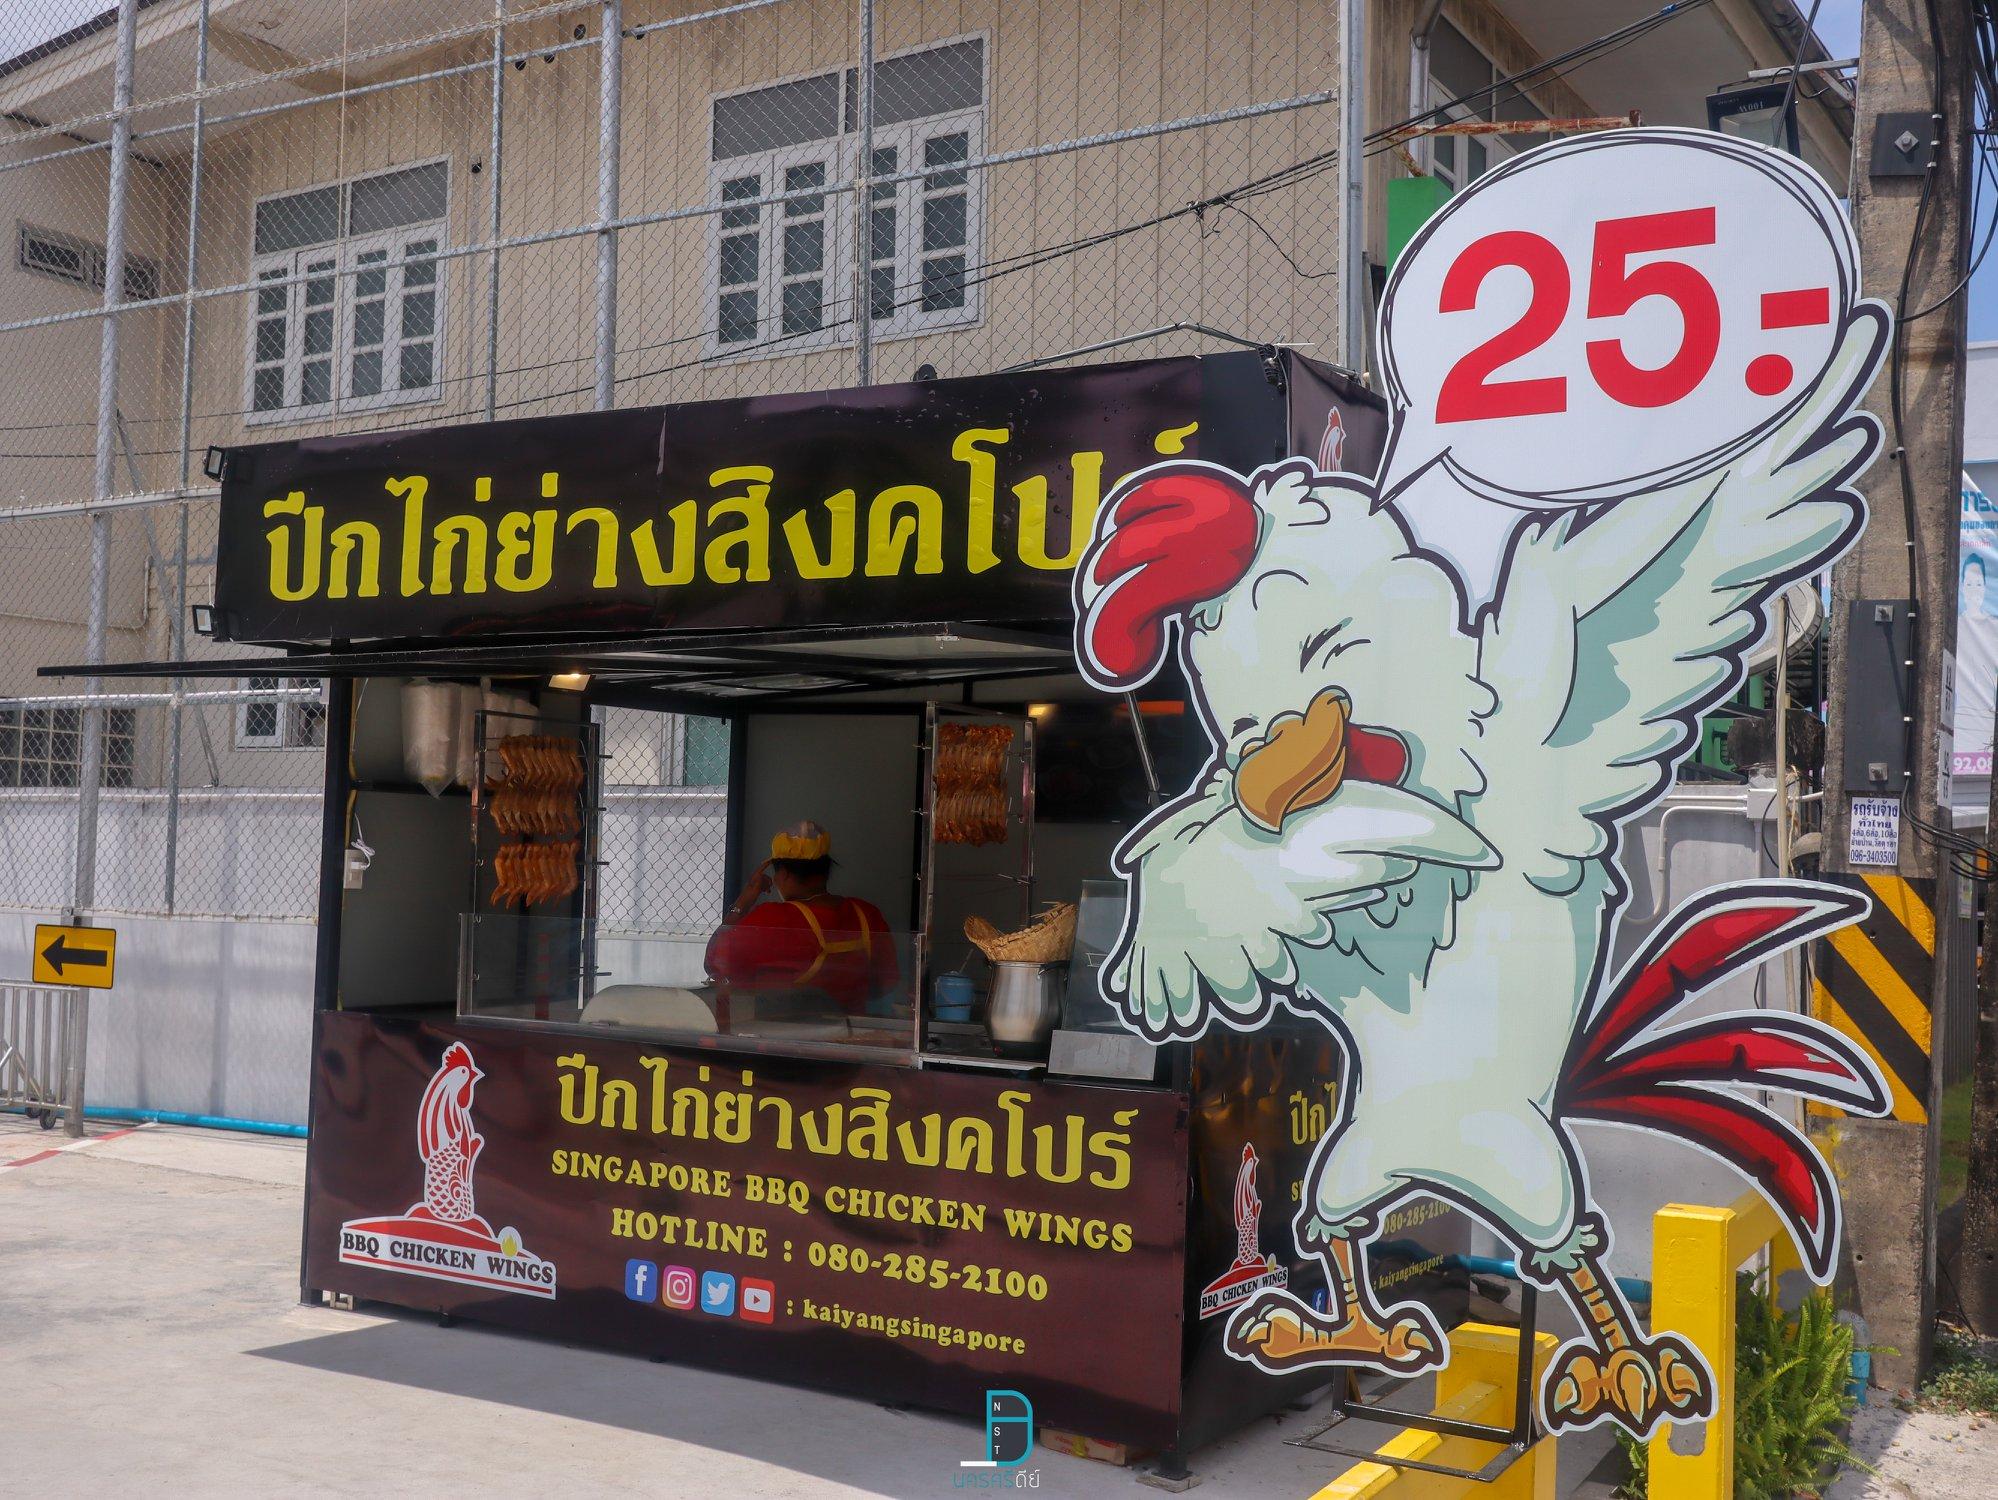 ไก่ย่าง,นครศรี,ปีกไก่,รสเด็ด,ราคาถูก,ปีกไก่ย่างสิงคโปร์,อำเภอเมือง